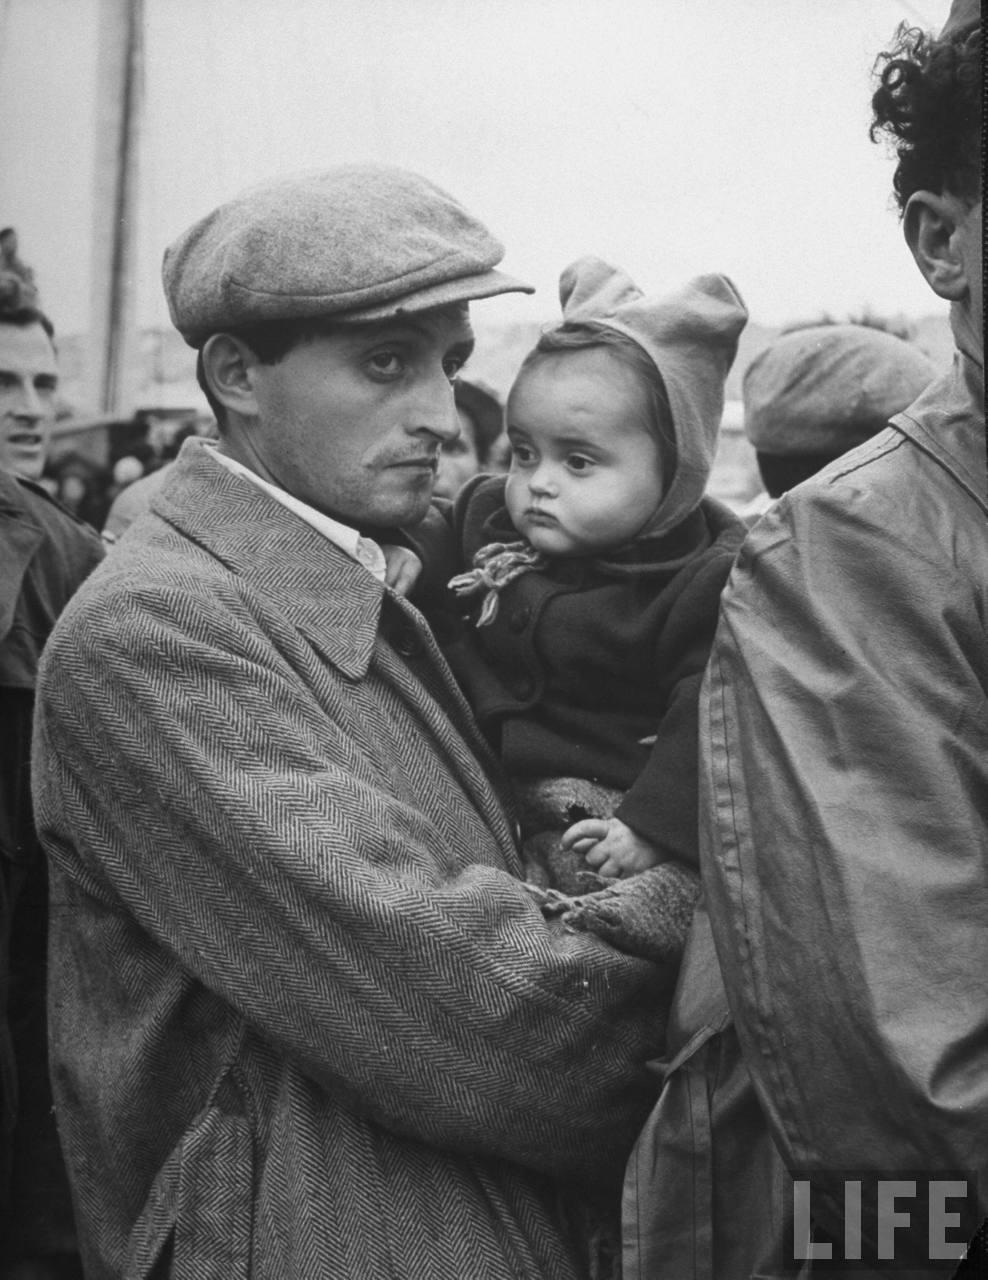 Еврейские беженцы с захваченного судна. Хайфа. Апрель